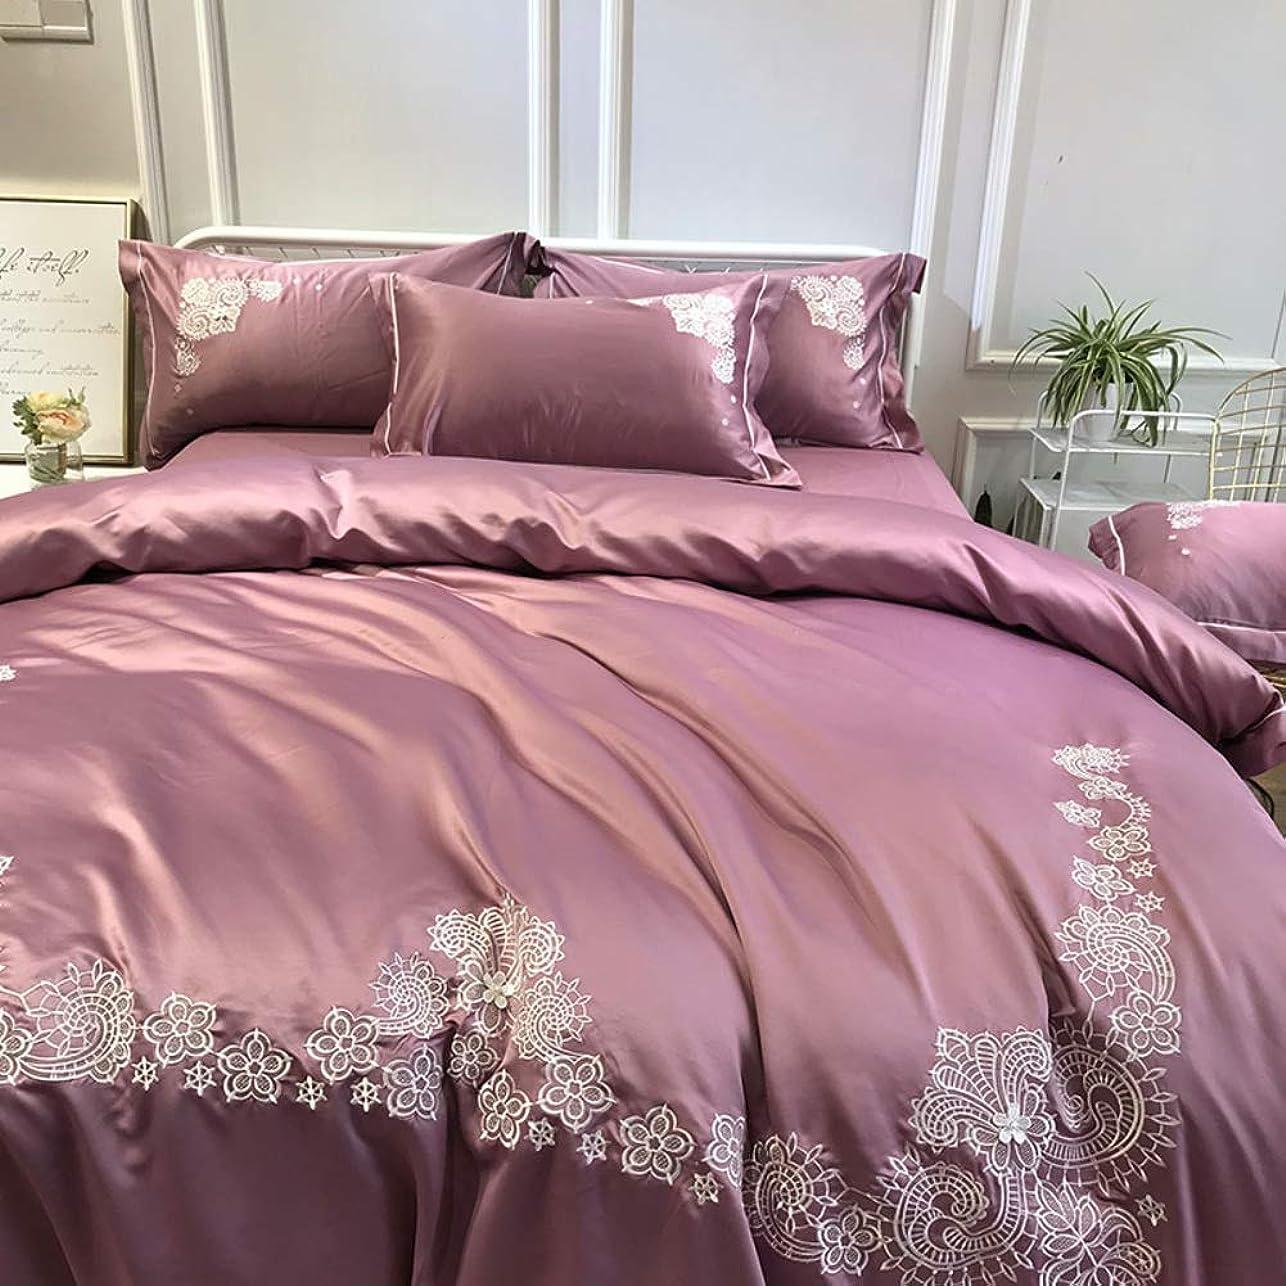 意識的小道単語高級 サテンシルク 寝具ベッド, 高級 4 ピース 100% スーパーソフト ファイバー セクシー 羽毛布団カバーセット シート 枕カバー-b